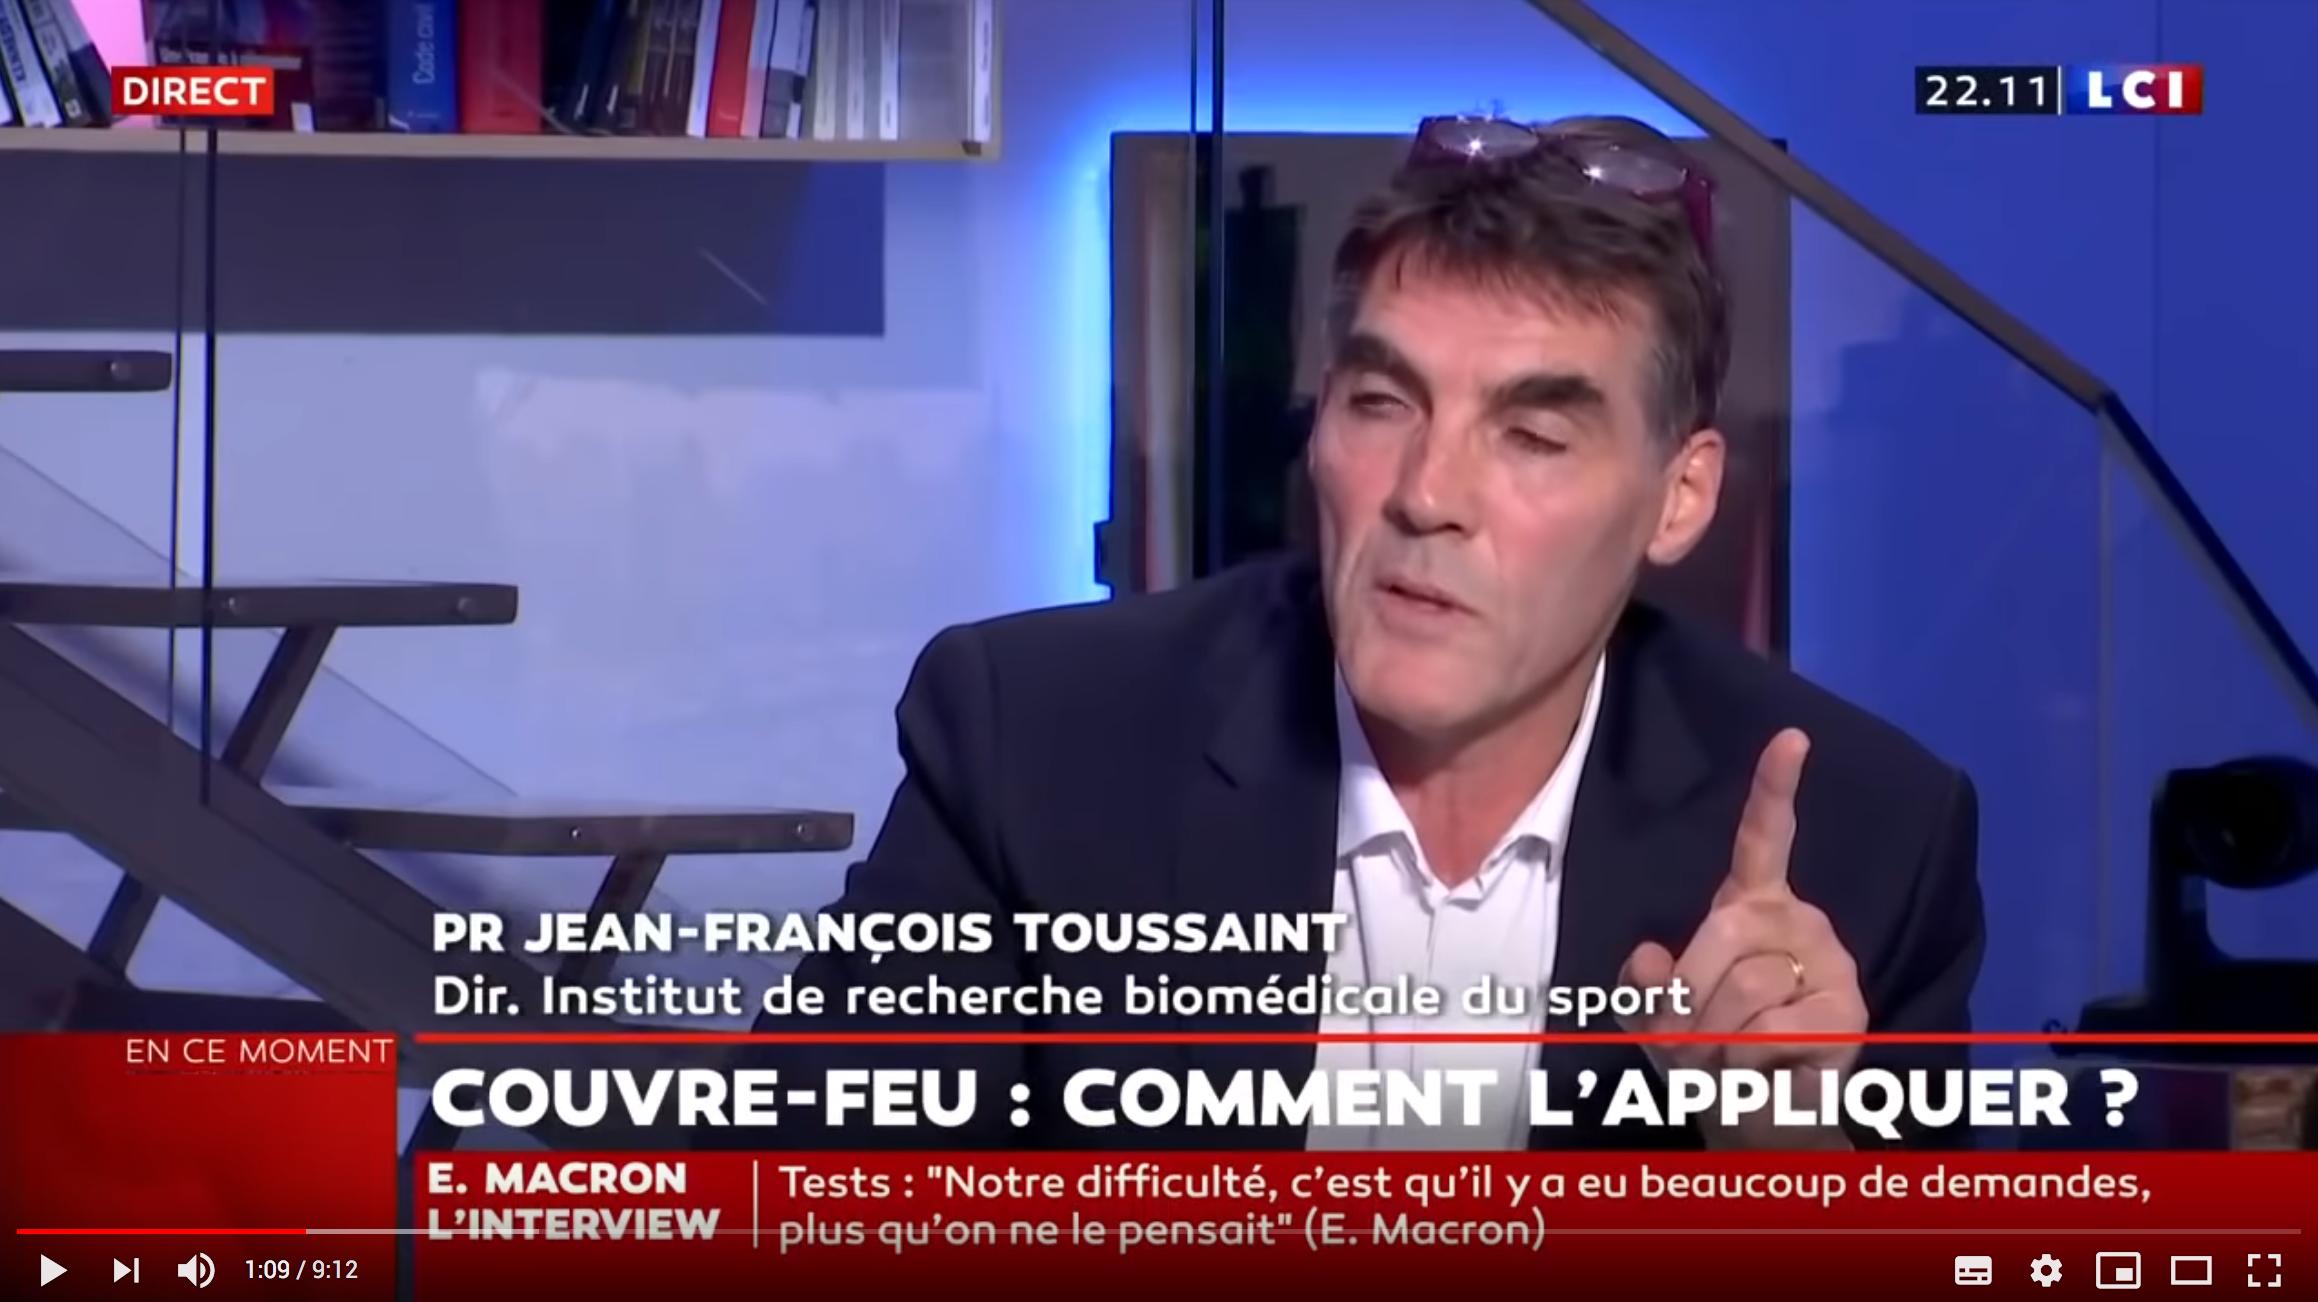 """Le Pr Jean-François Toussaint critique fortement le couvre-feu imposé par Emmanuel Macron et parle de """"dégâts monstrueux"""" (VIDÉO)"""